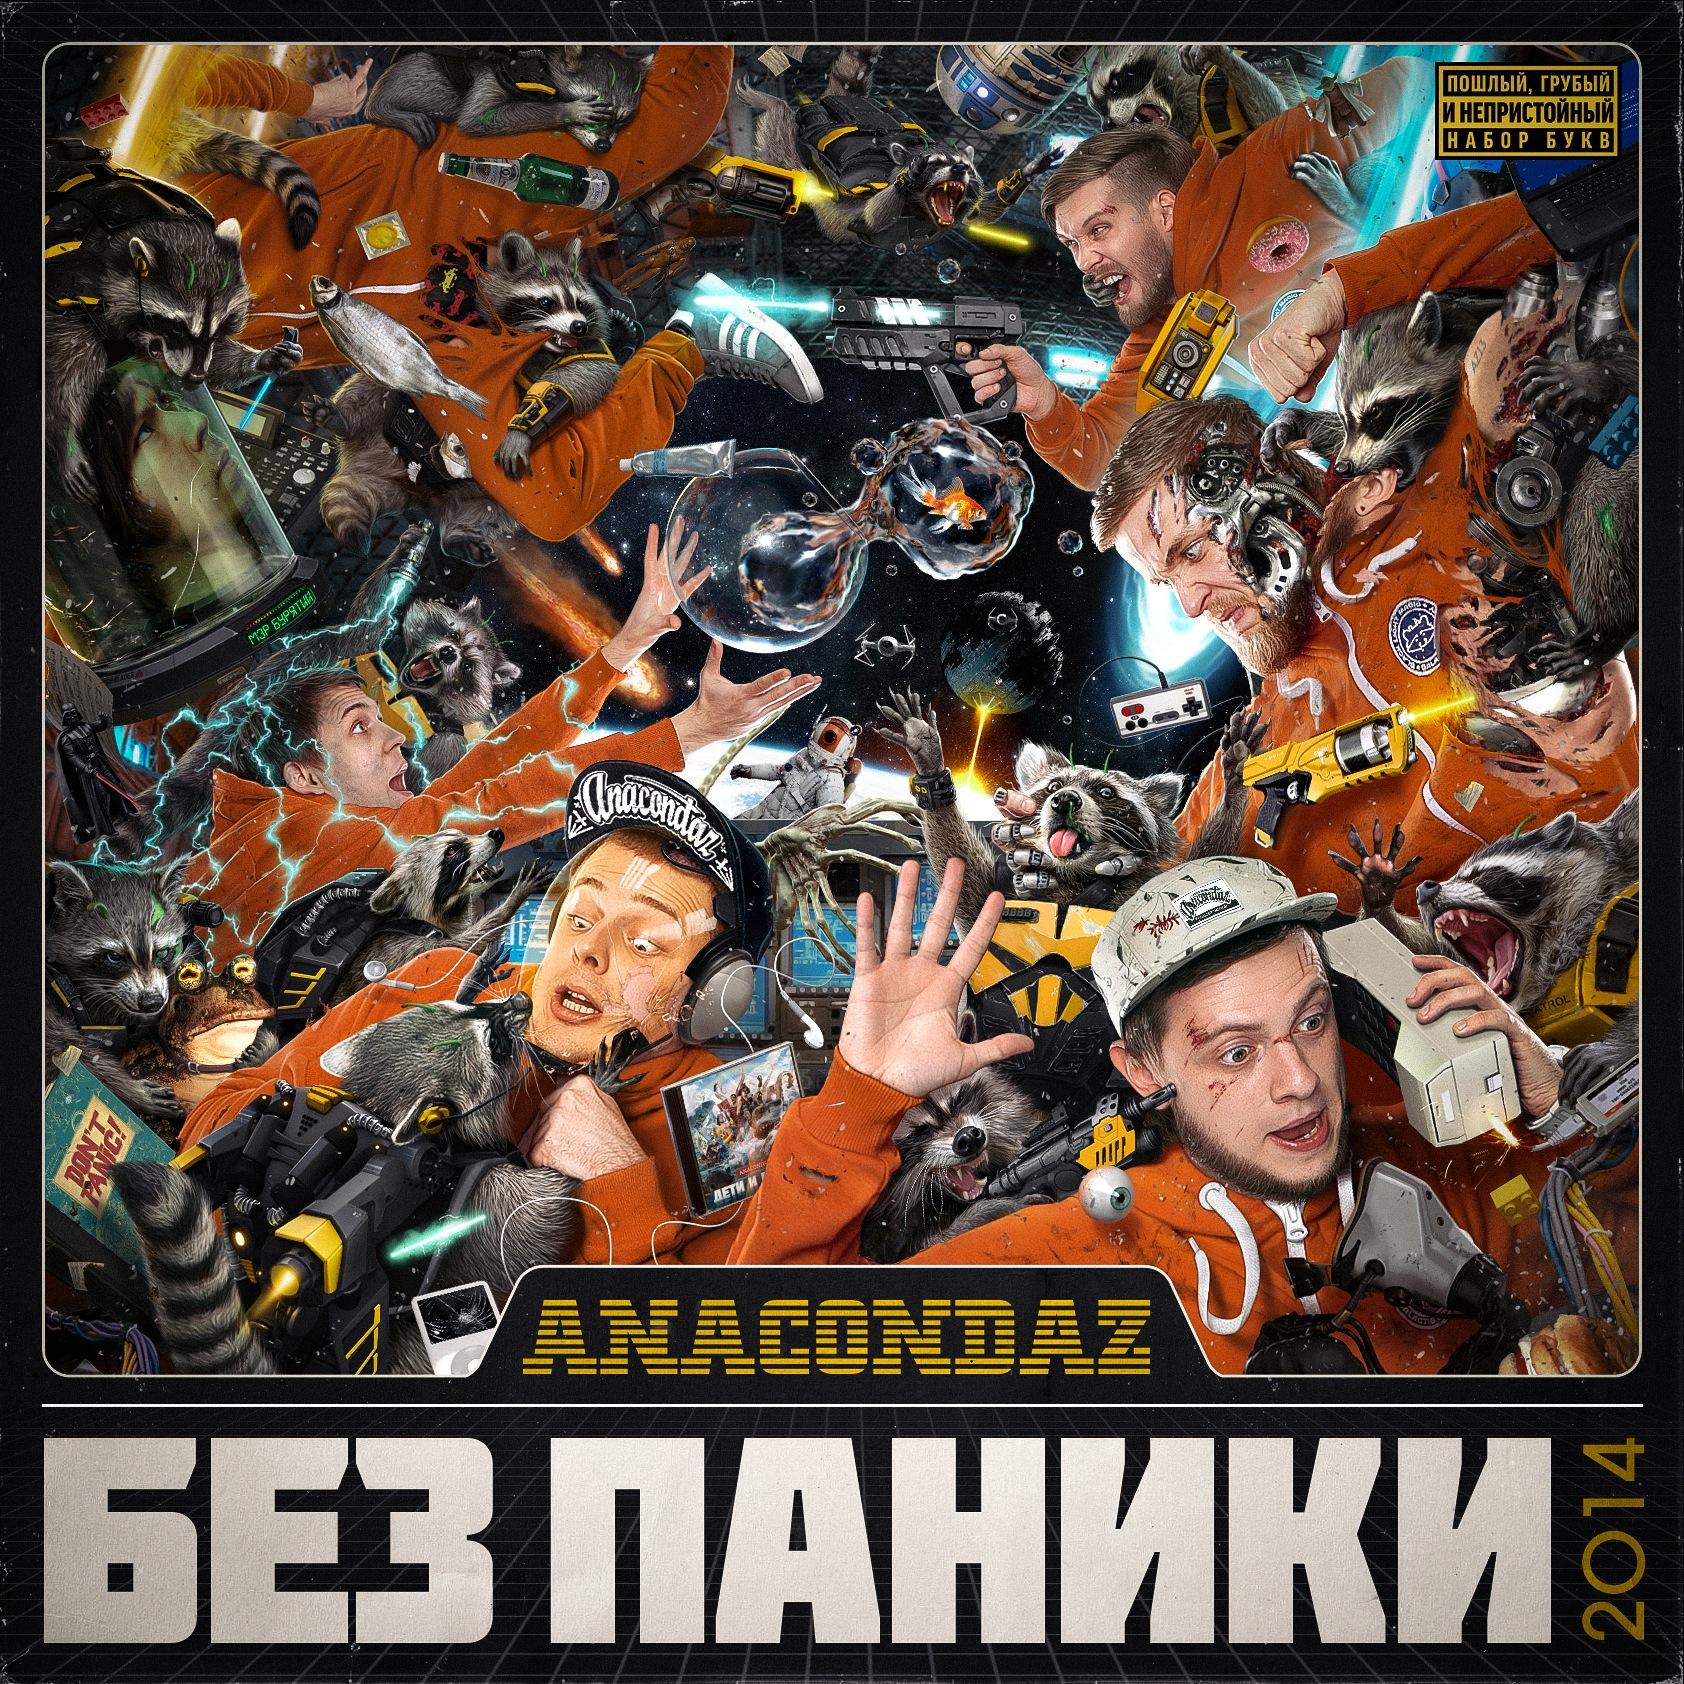 www.rap.ru upload img 2859 Астраханские рэперы из Anacondaz едут на фестиваль KUBANA